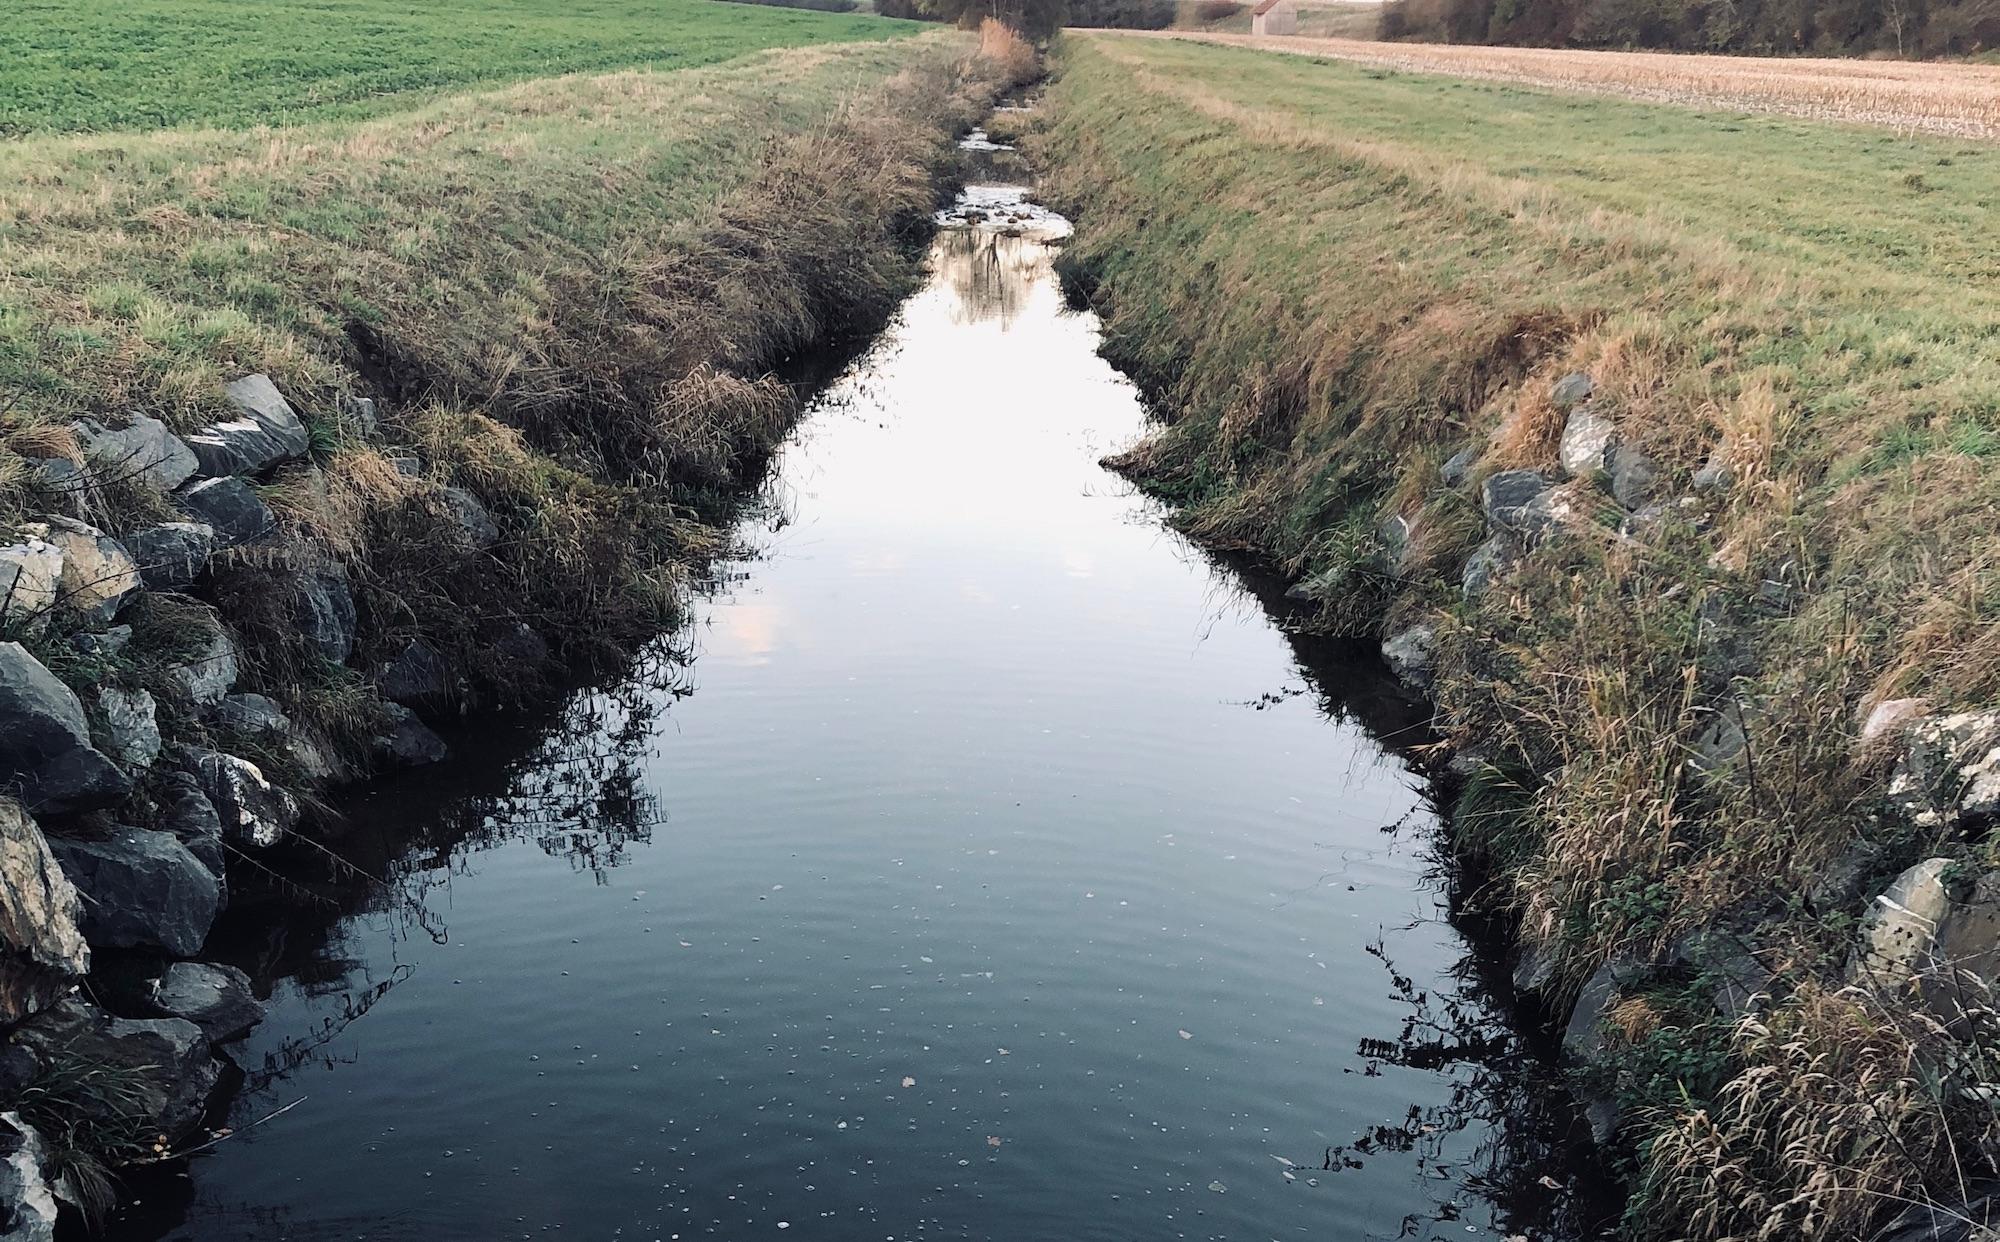 Bachlauf Wasser Lauf des Lebens